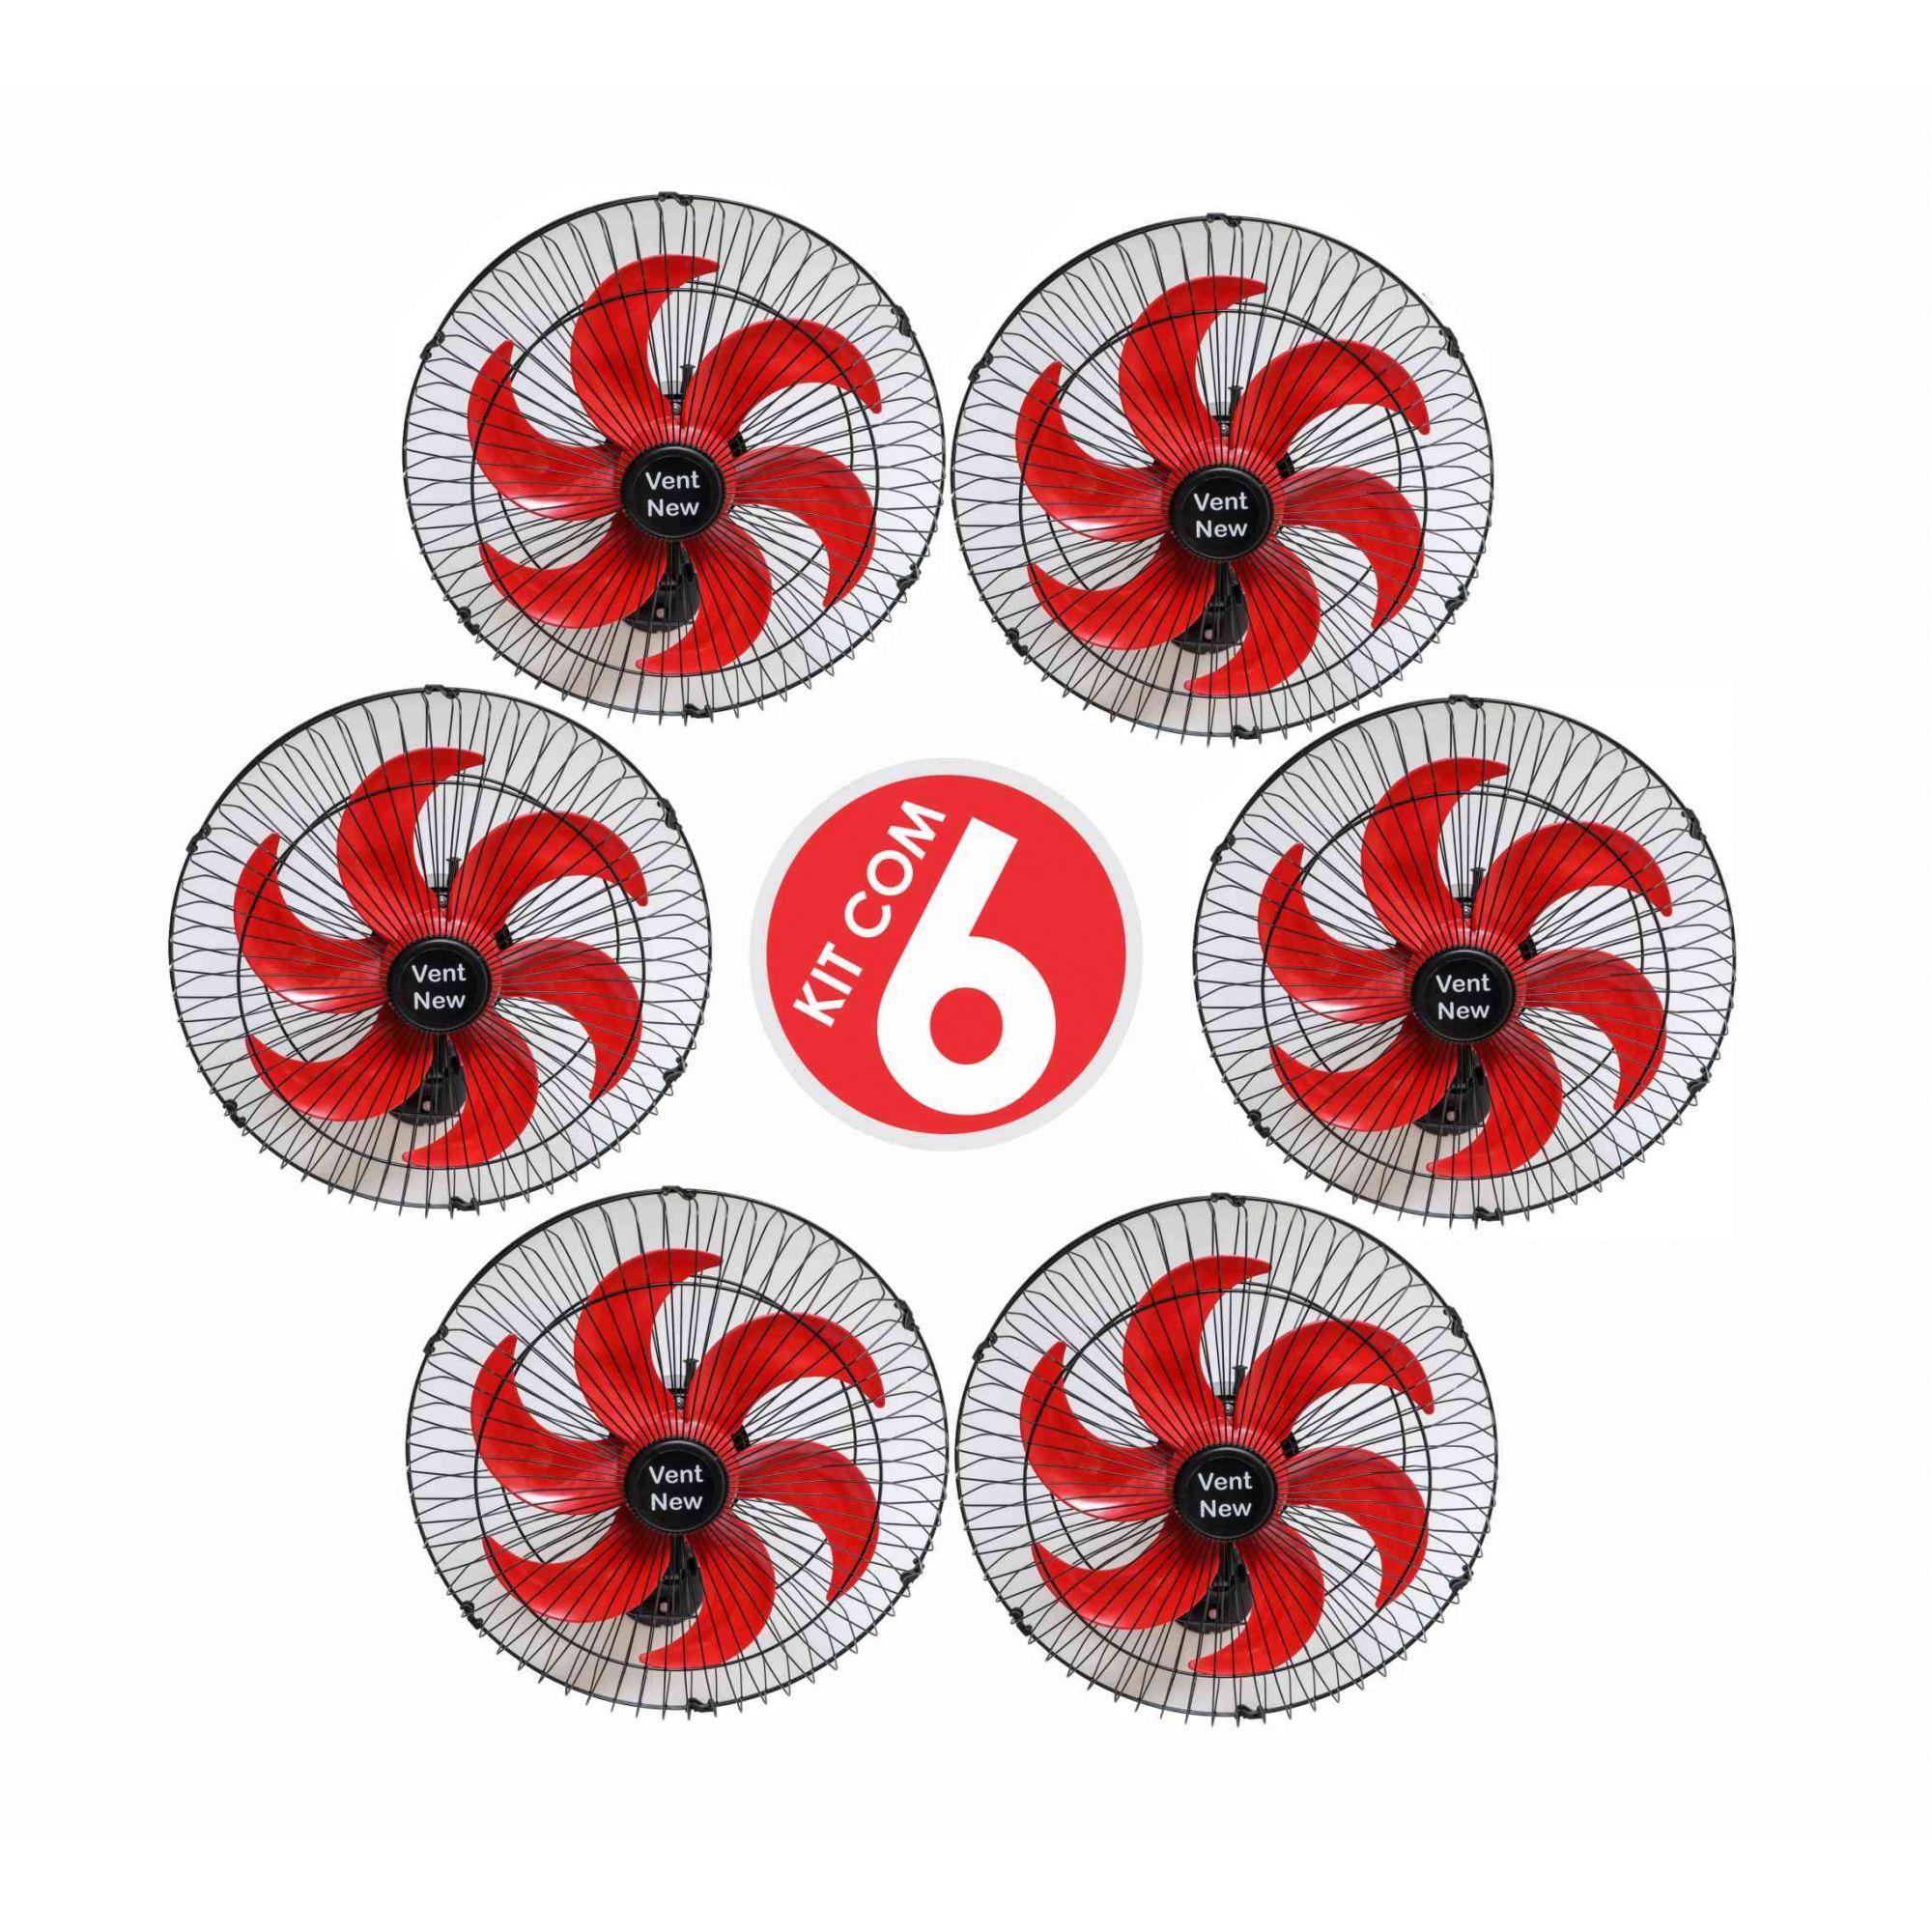 Kit 6 Ventiladores Parede Oscilante 50 Cm Preto / Vermelho Bivolt Grade Aço